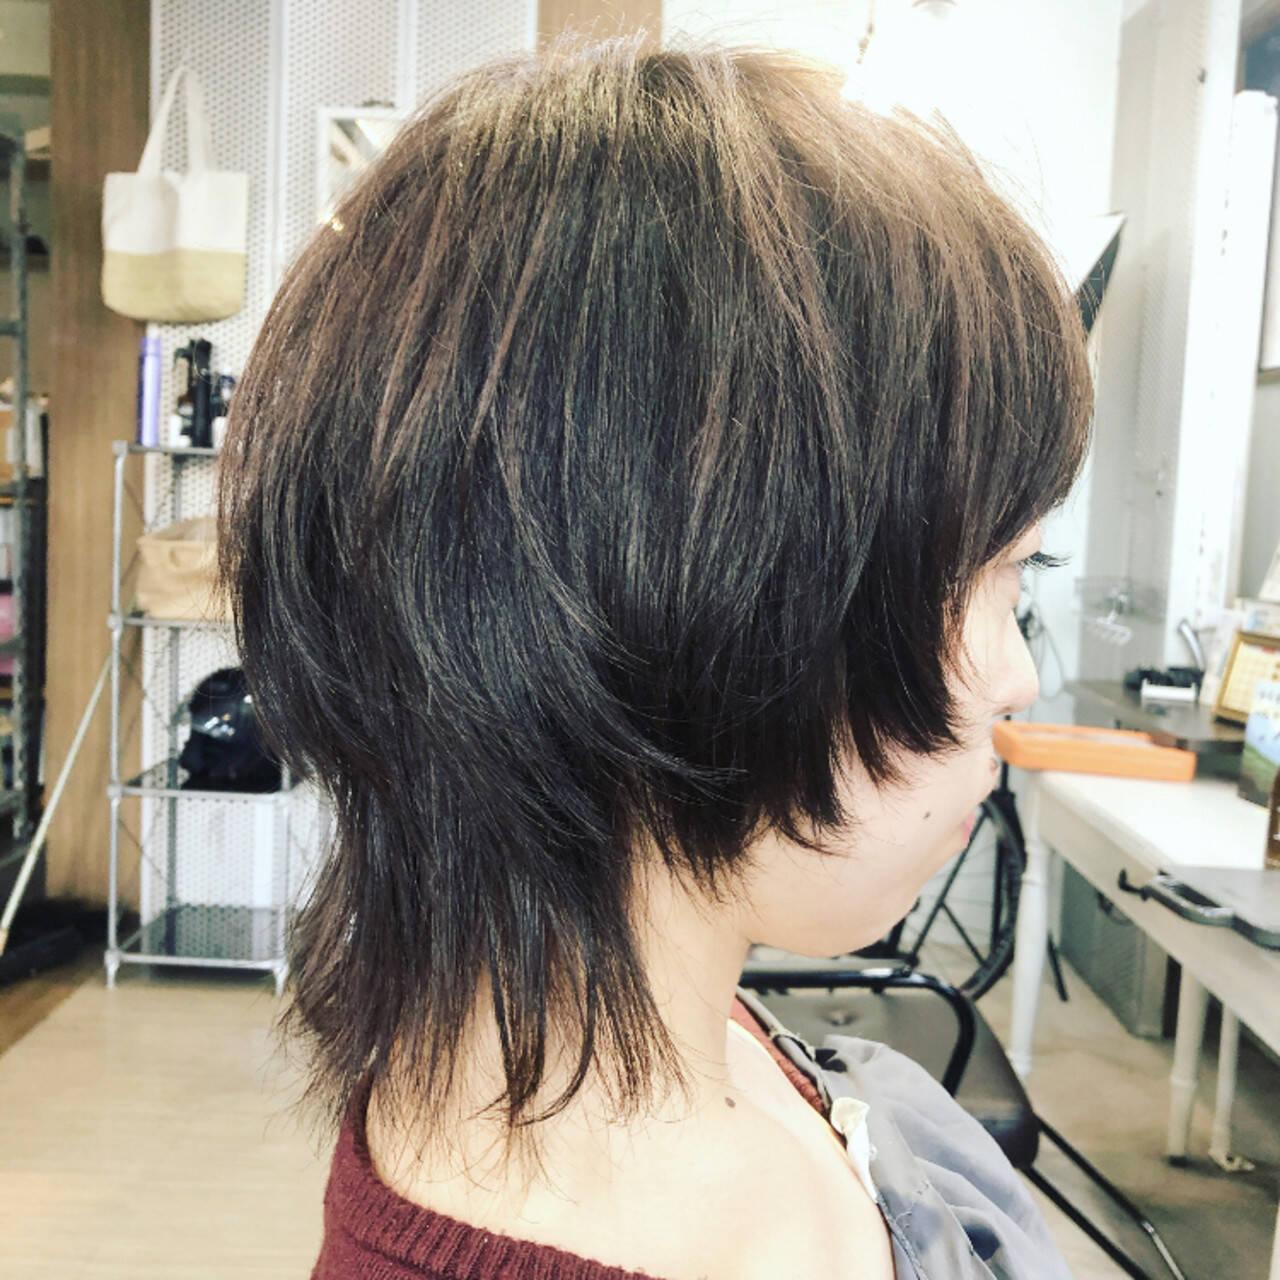 マッシュウルフ ストリート ウルフ ネオウルフヘアスタイルや髪型の写真・画像